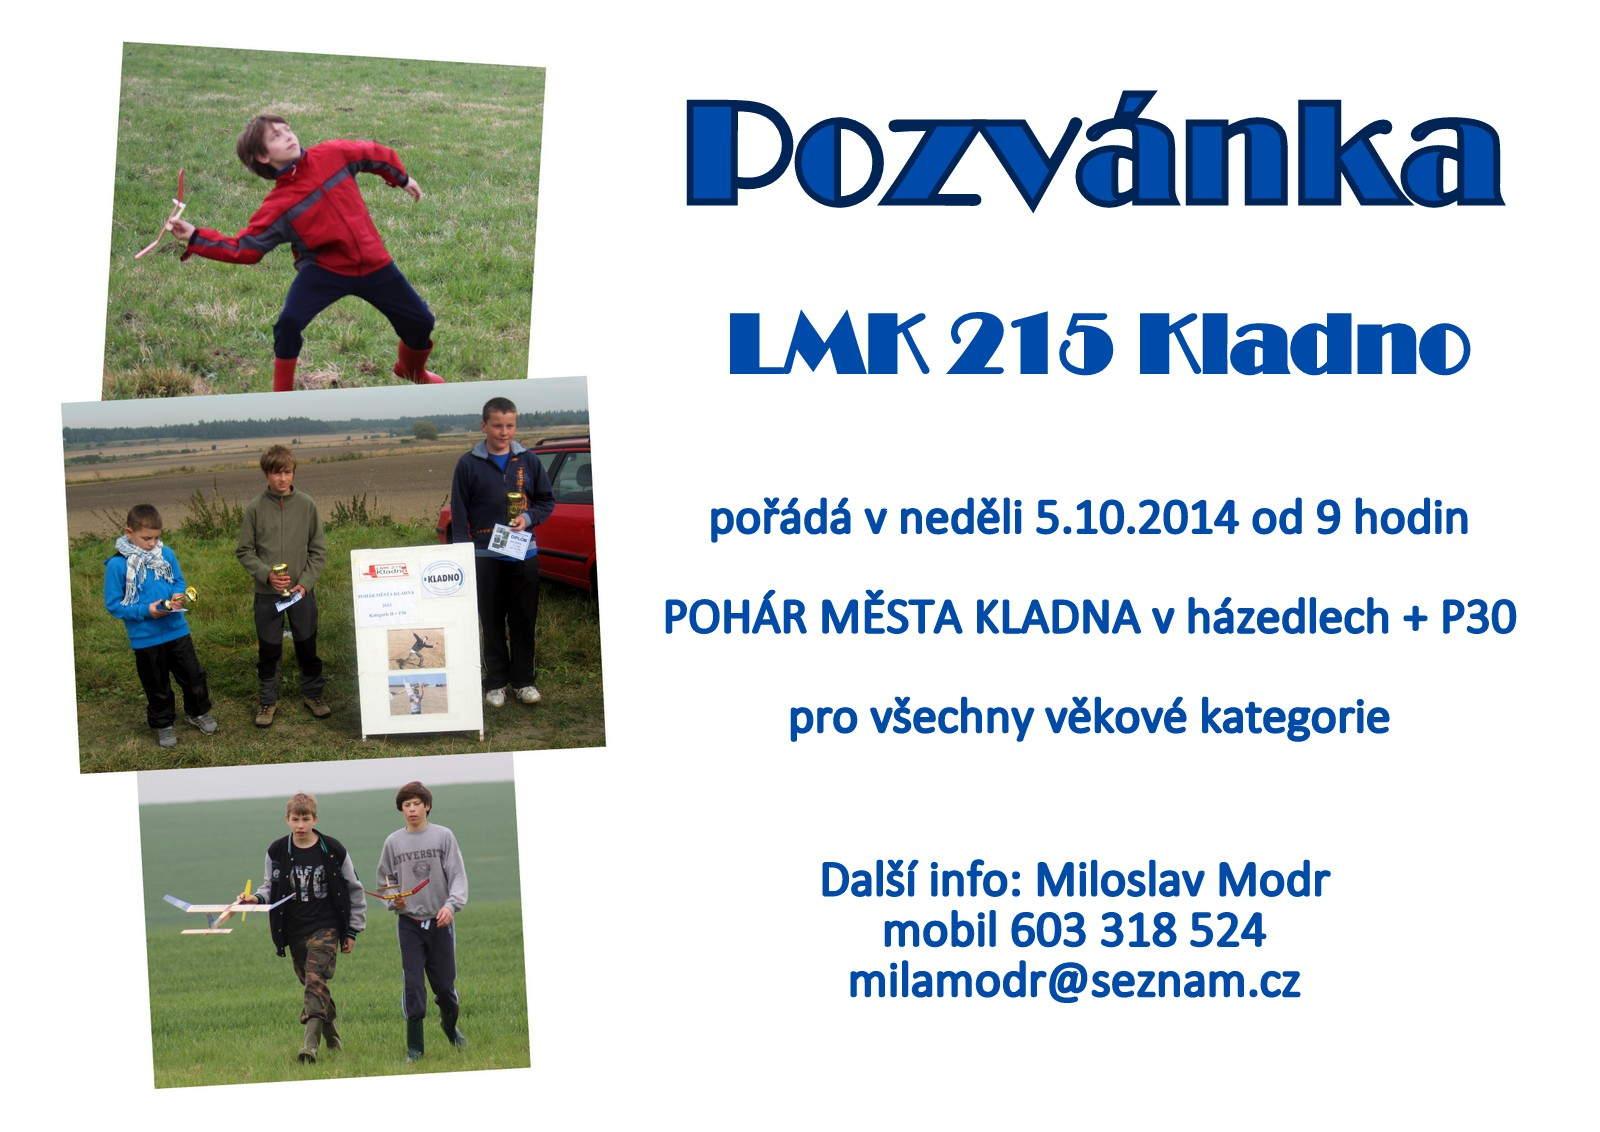 Pozvánka Pohár města Kladna H P30, 2014